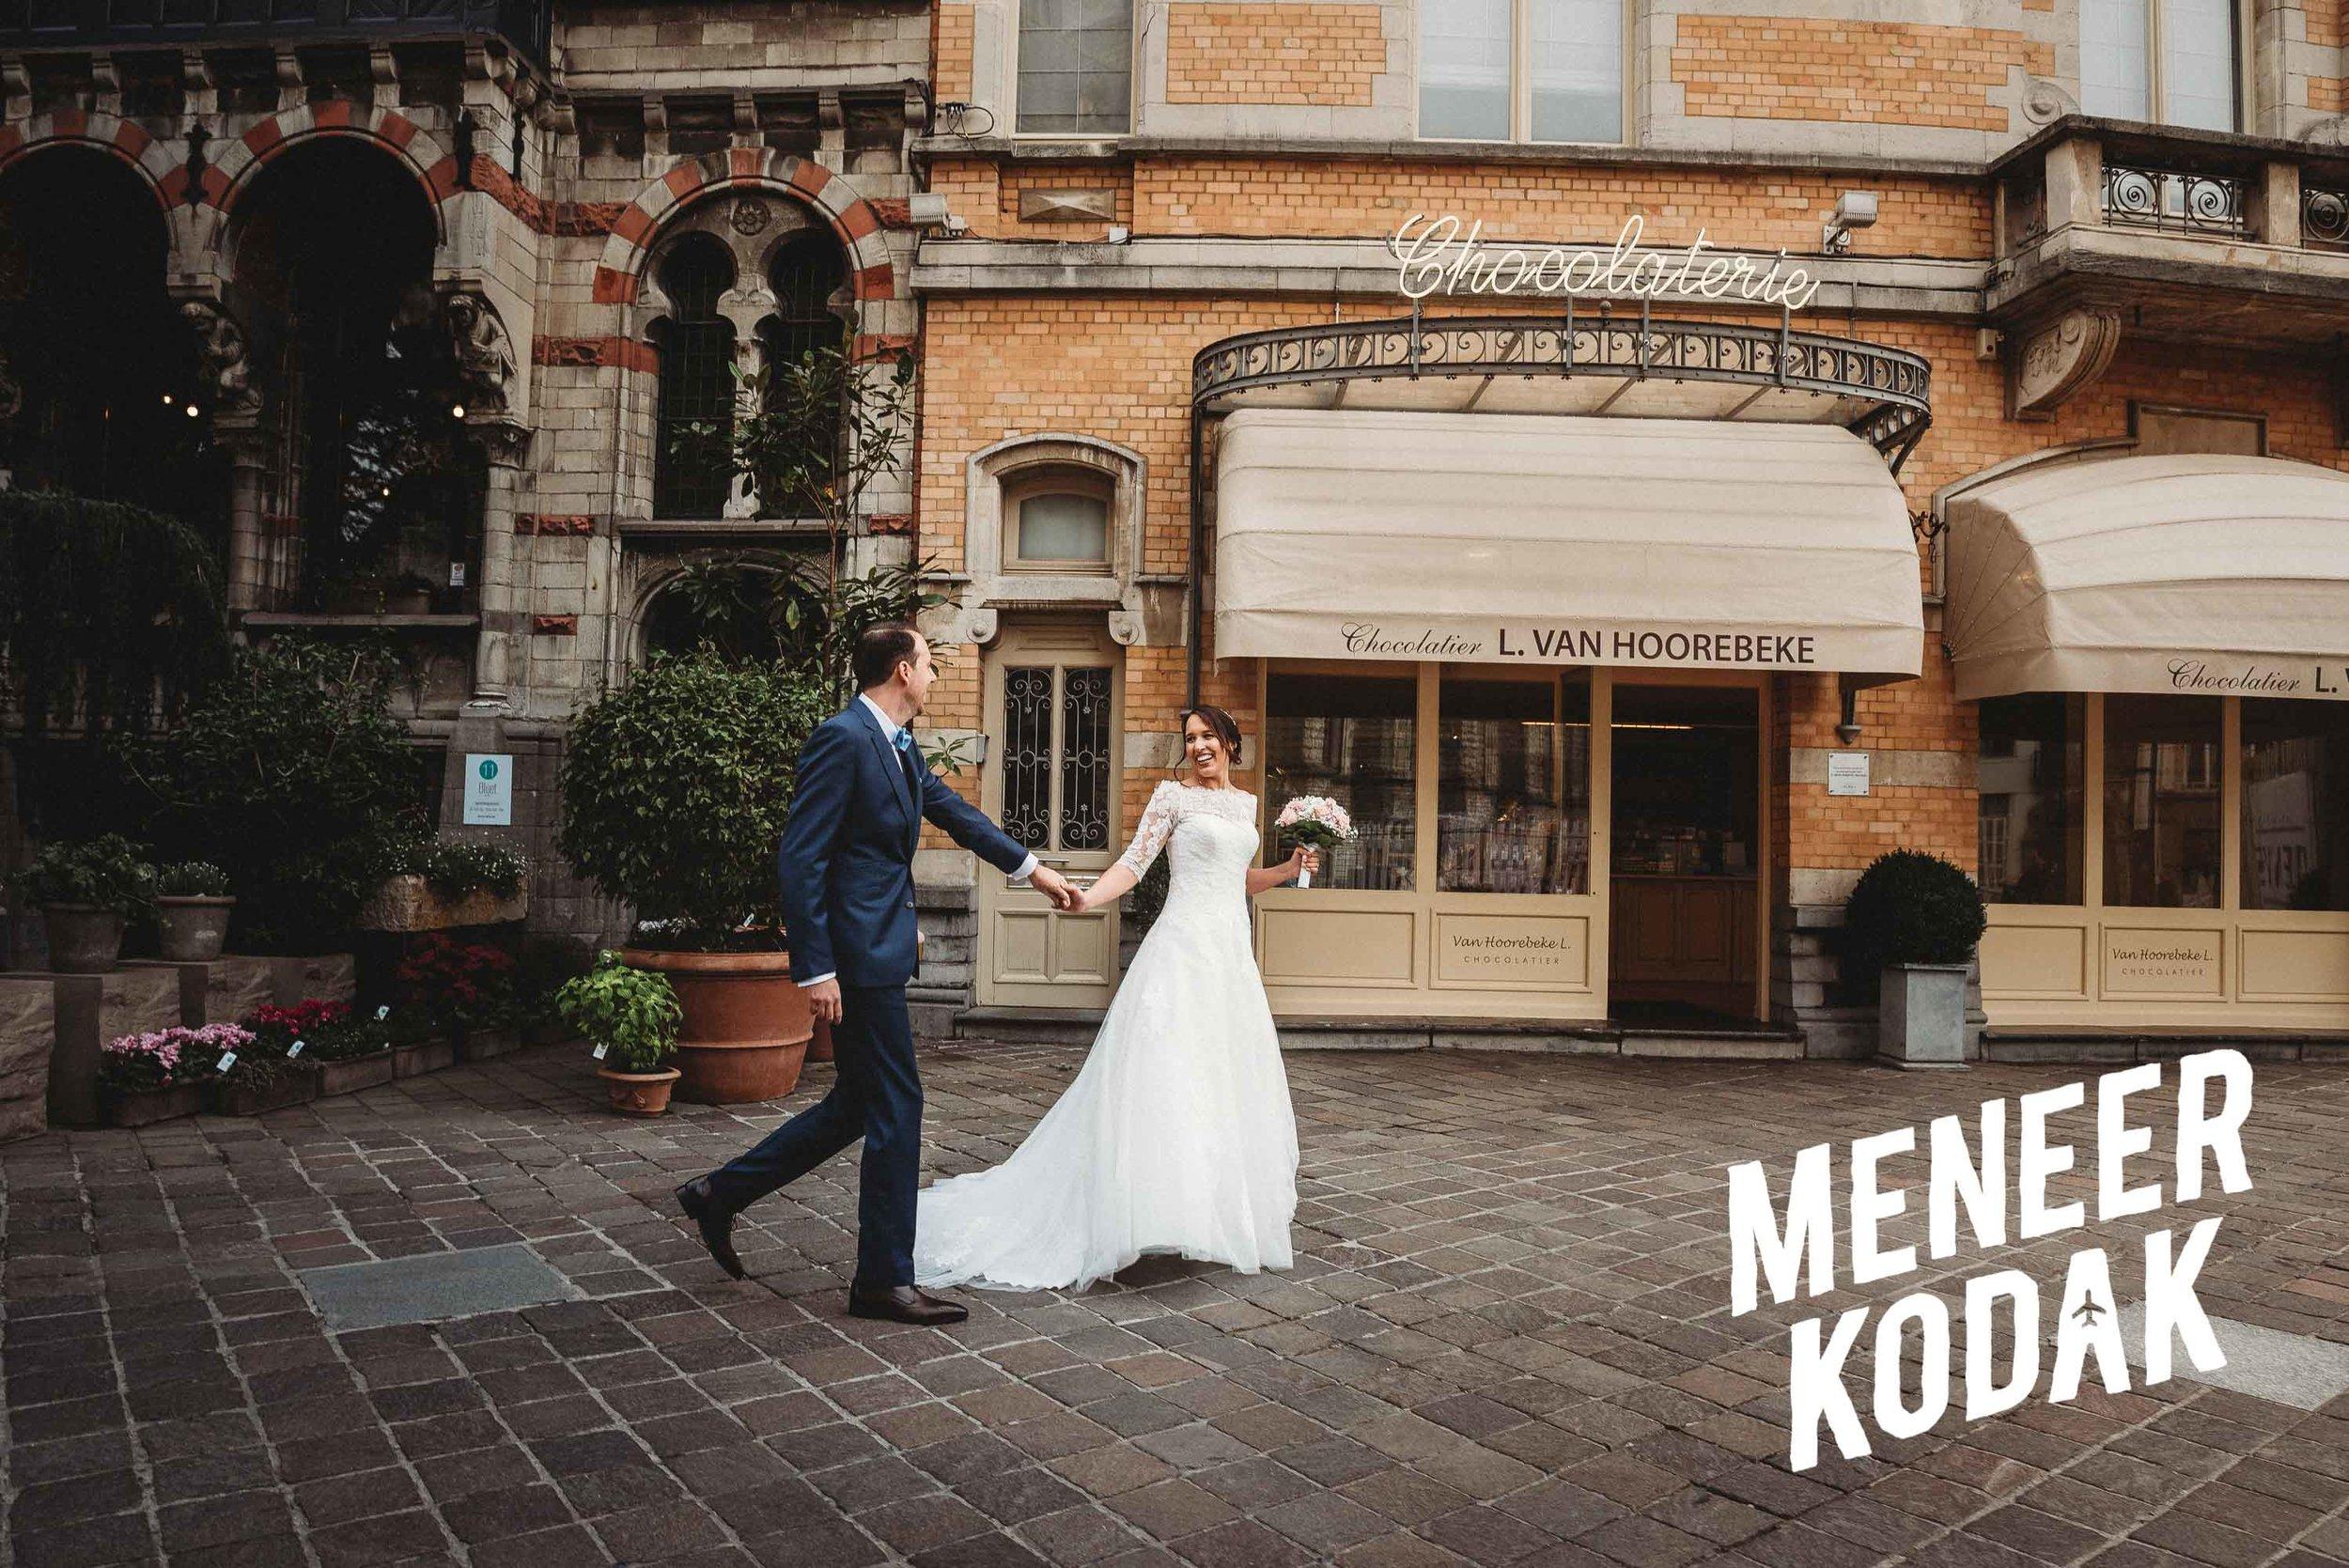 Meneer Kodak - Trouwfotograaf - Gent - D&T-035.jpg